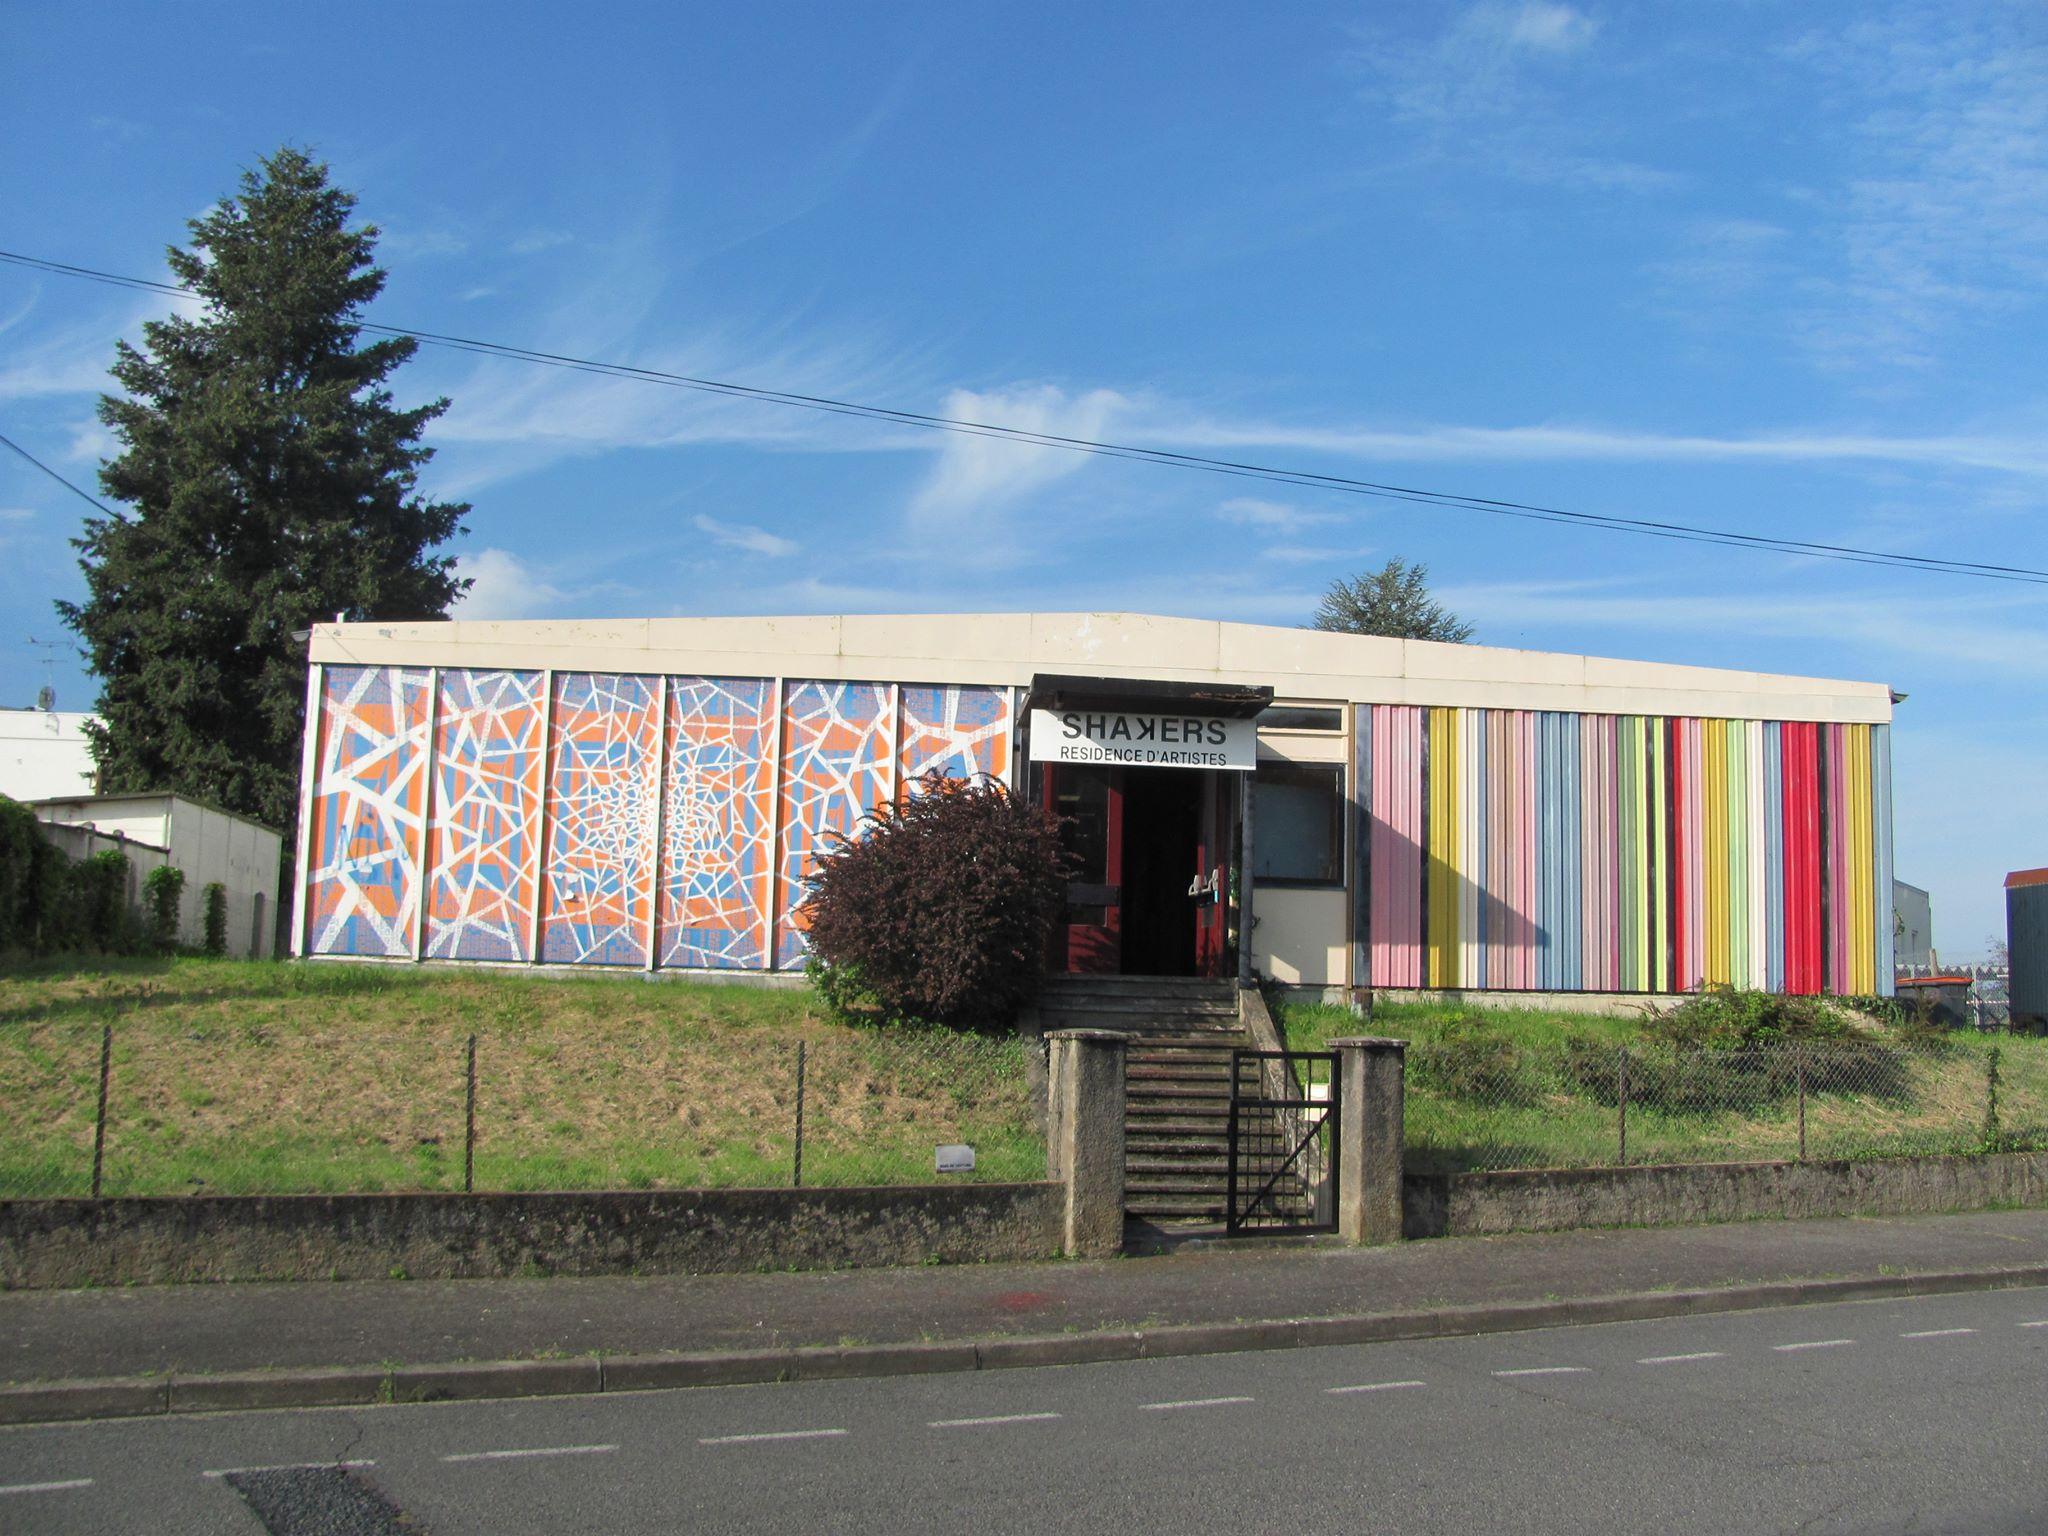 shakers résidence d artsites